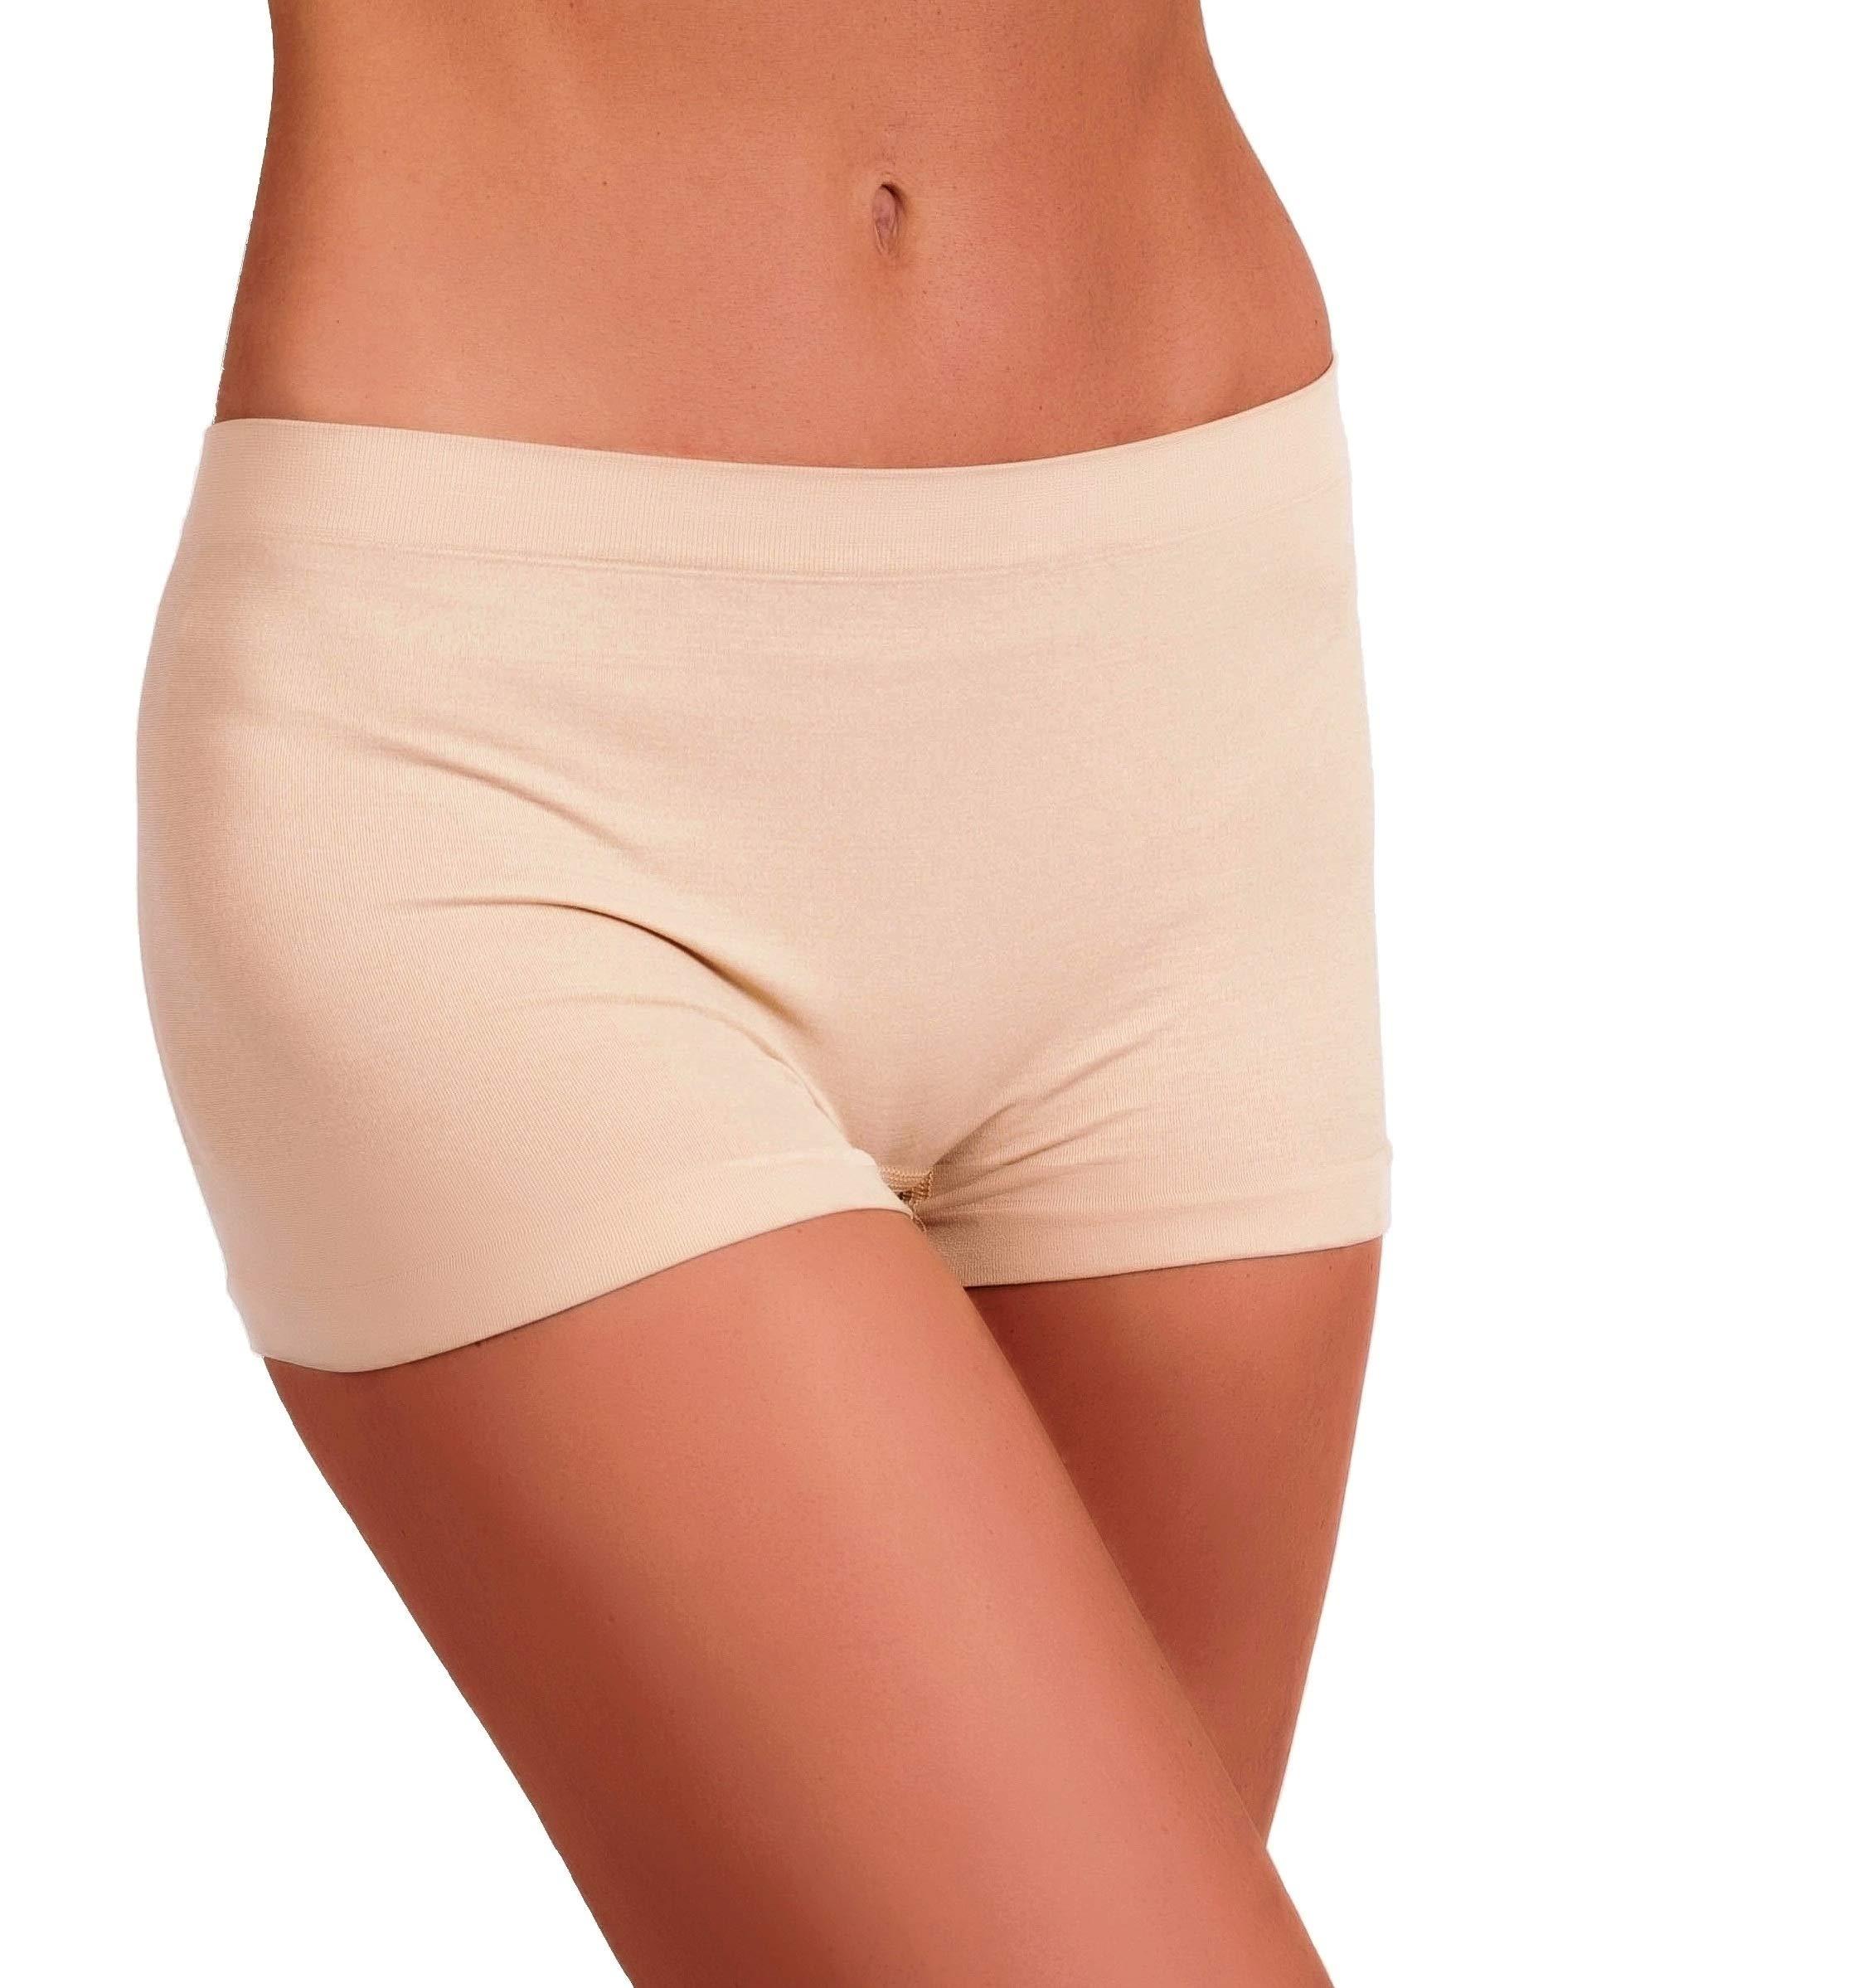 EVARI Women's Seamless Second Skin Boyshort Panties Stretch Underwear Pack of 5 OR Pack of 2